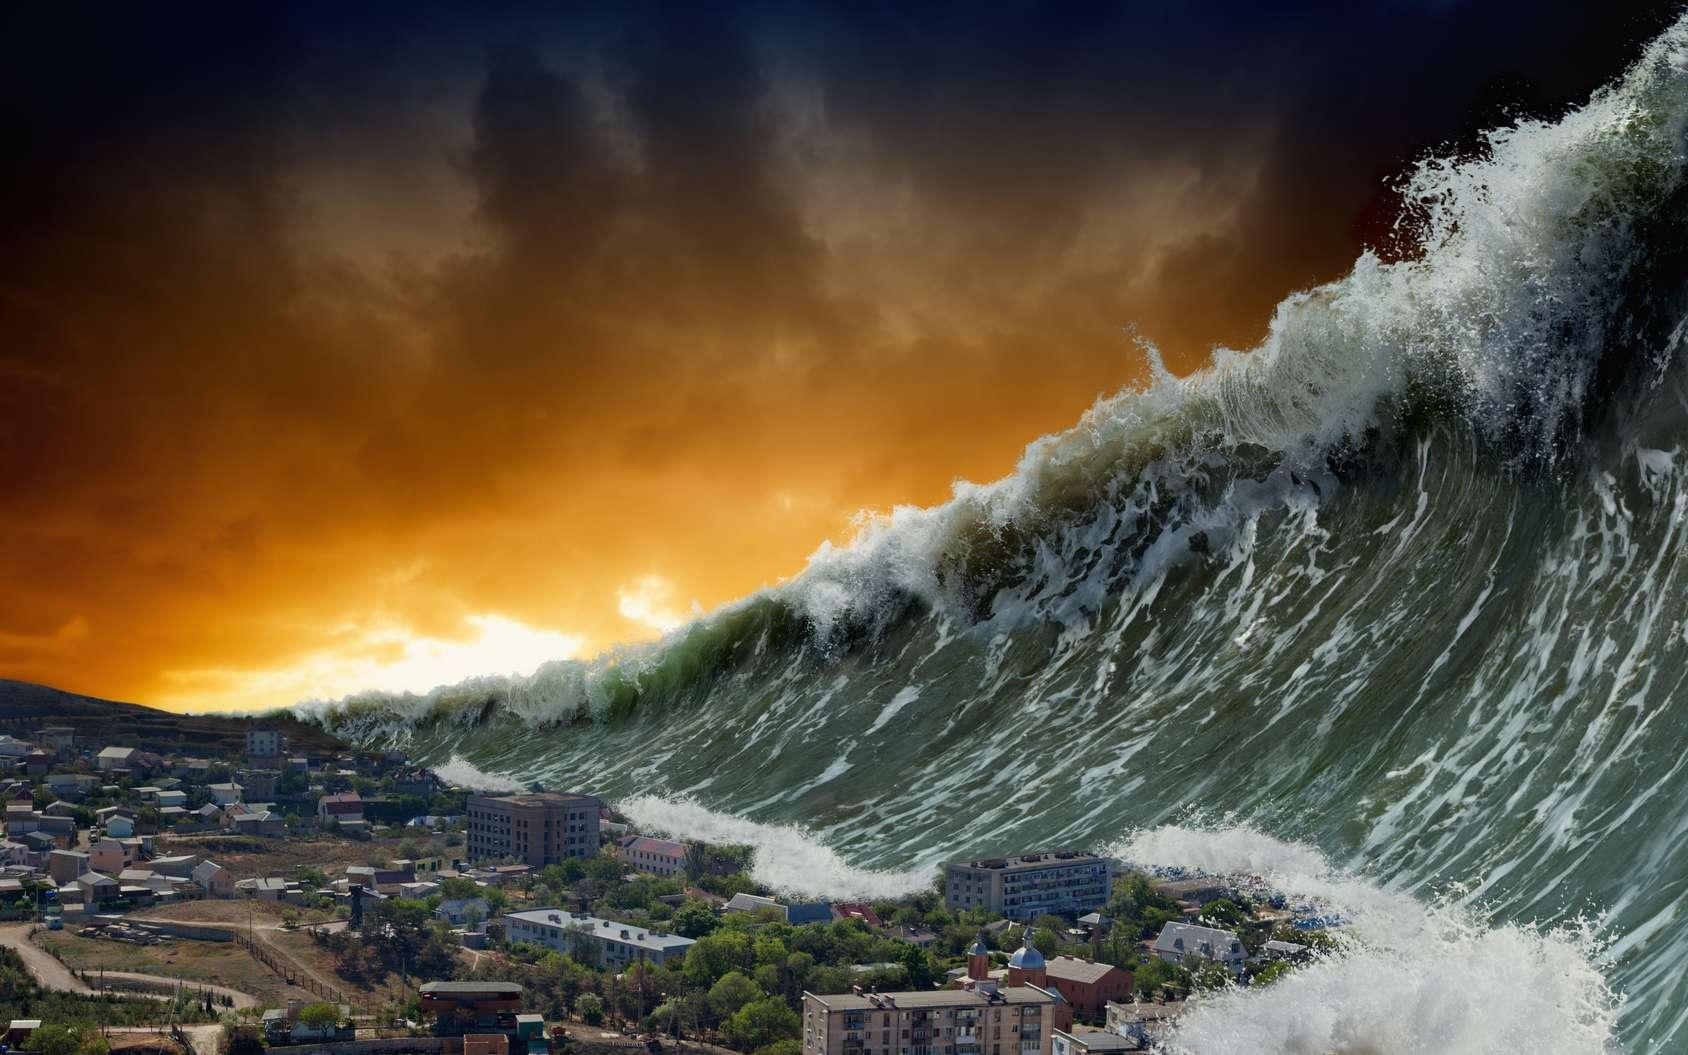 La prévision des tsunamis est-elle possible ? Ici, une vue d'artiste d'un tsunami géant. © Ig0rZh, Fotolia